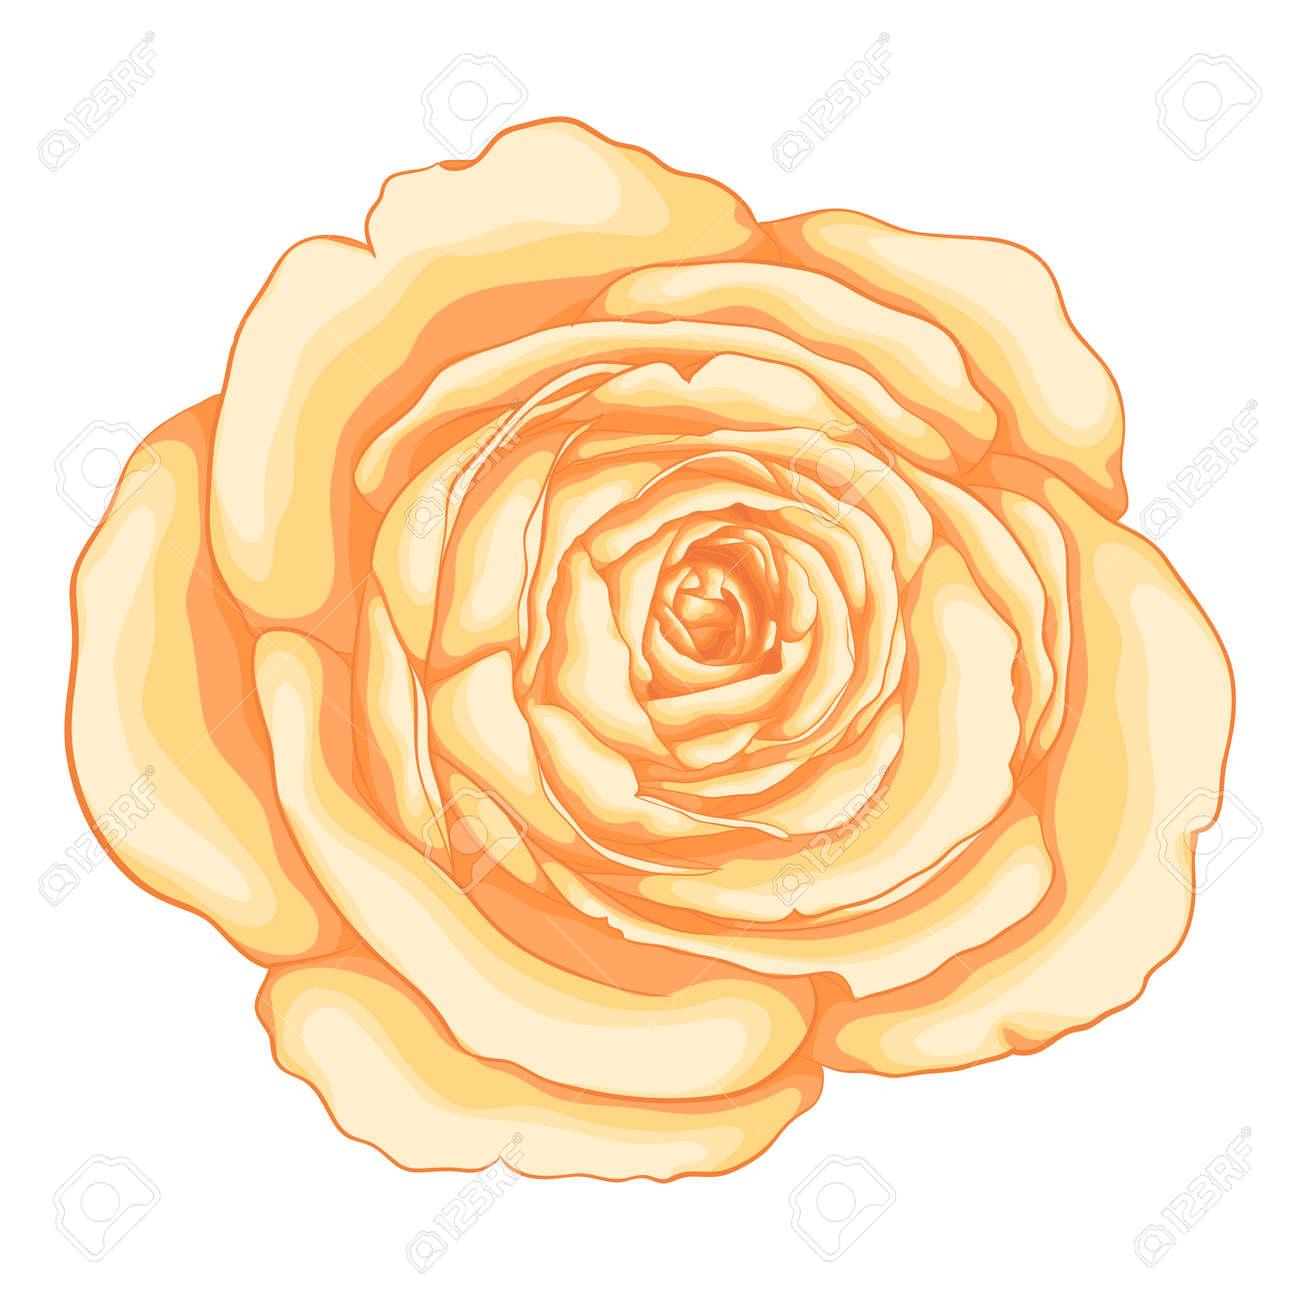 Bella Rosa Isolato Su Sfondo Bianco Per Biglietti Di Auguri E Inviti Del Matrimonio Compleanno San Valentino Festa Della Mamma E Altre Feste